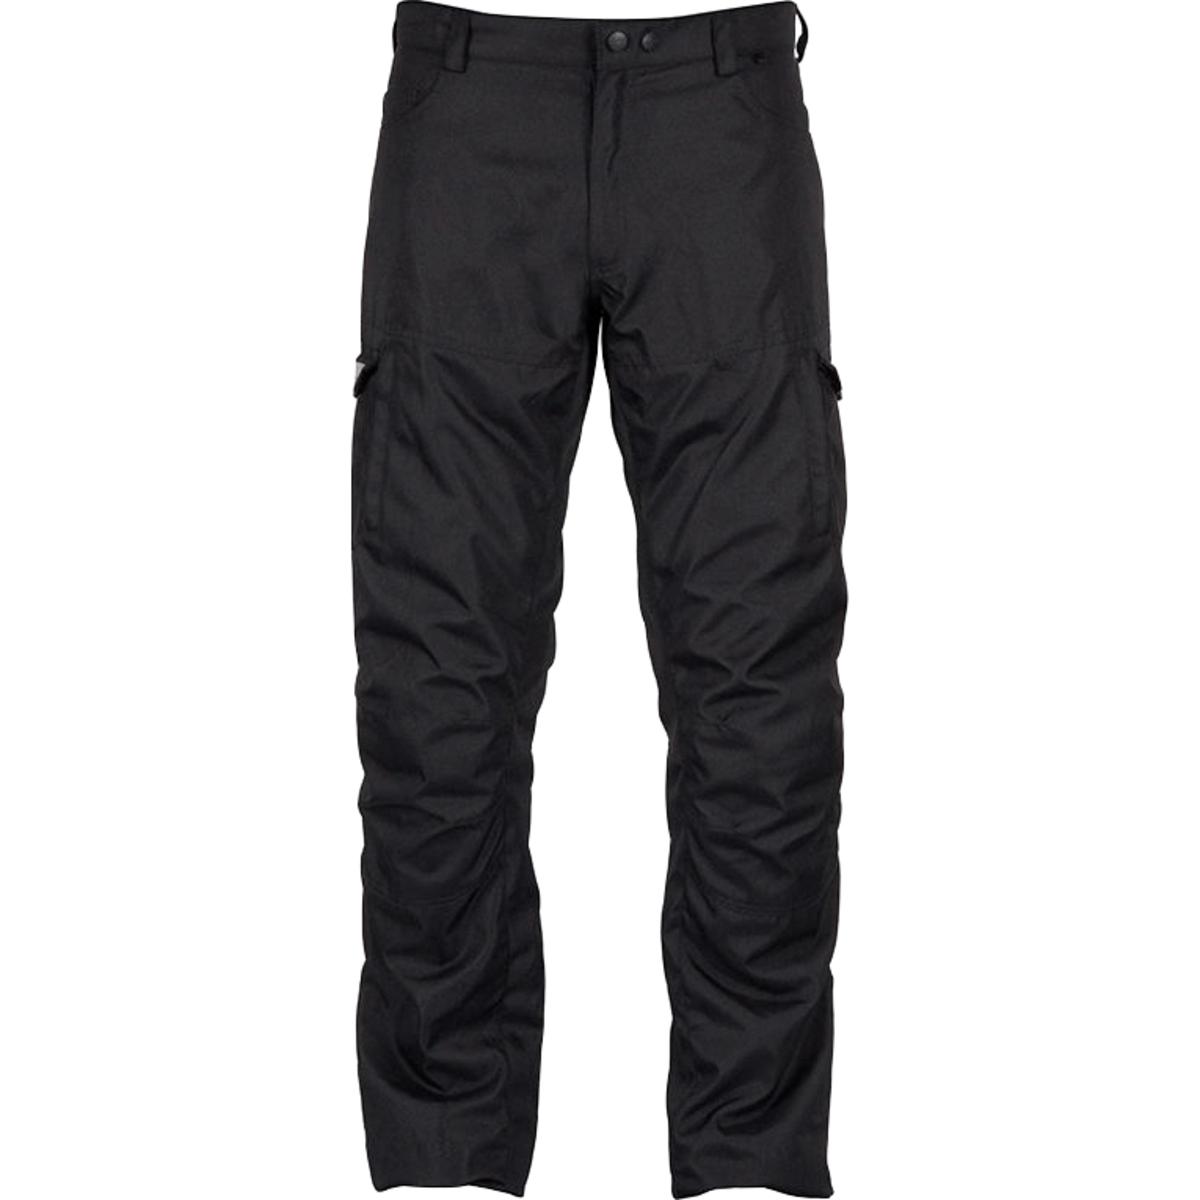 Bild 2 von DXR Relax Textilhose schwarz Herren Größe 5XL